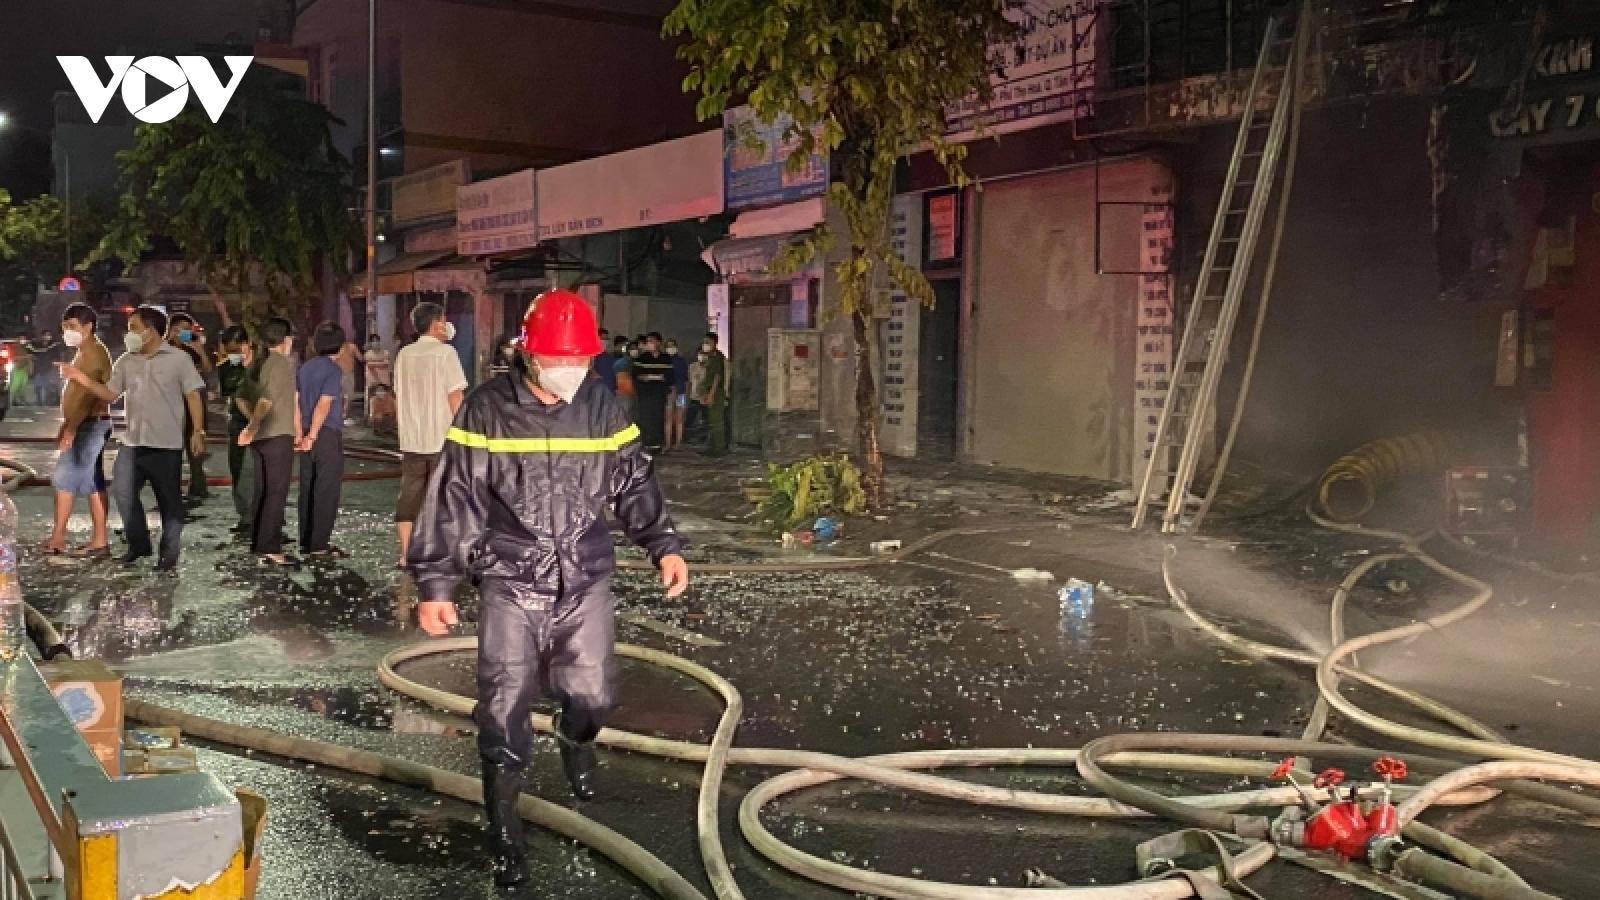 4 người thoát nạn, 1 người tử vong trong vụ cháy nhà ở TP.HCM